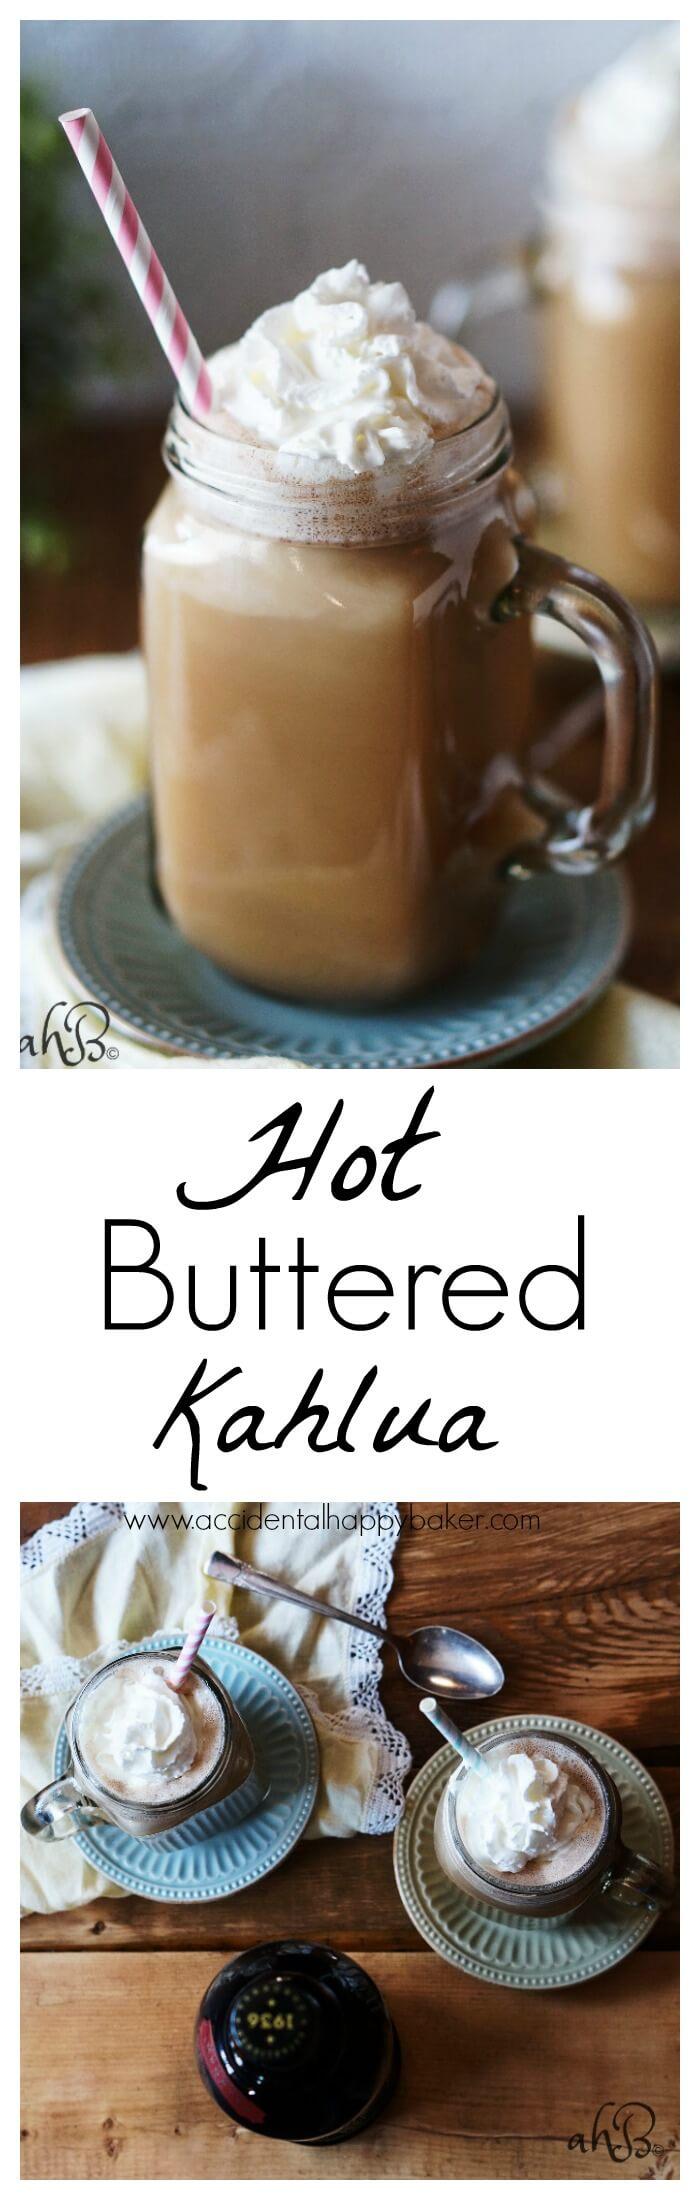 Hot Buttered Kahlua